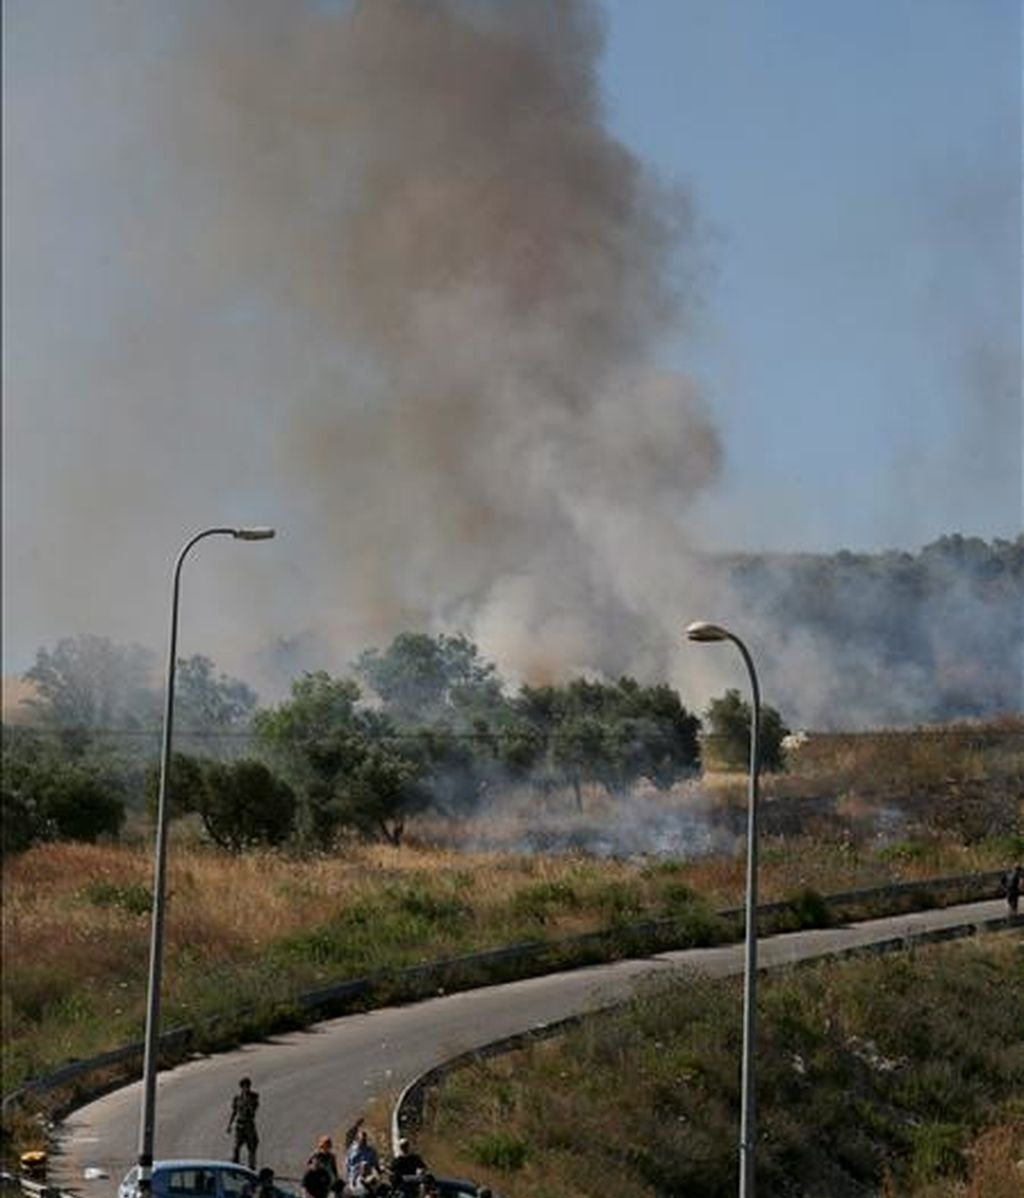 Una columna de humo emerge hoy de un campo palestino tras ser incendiado por colonos del asentamieto de Yetshar cerca de la ciudad cisjordana de Naplusa. EFE